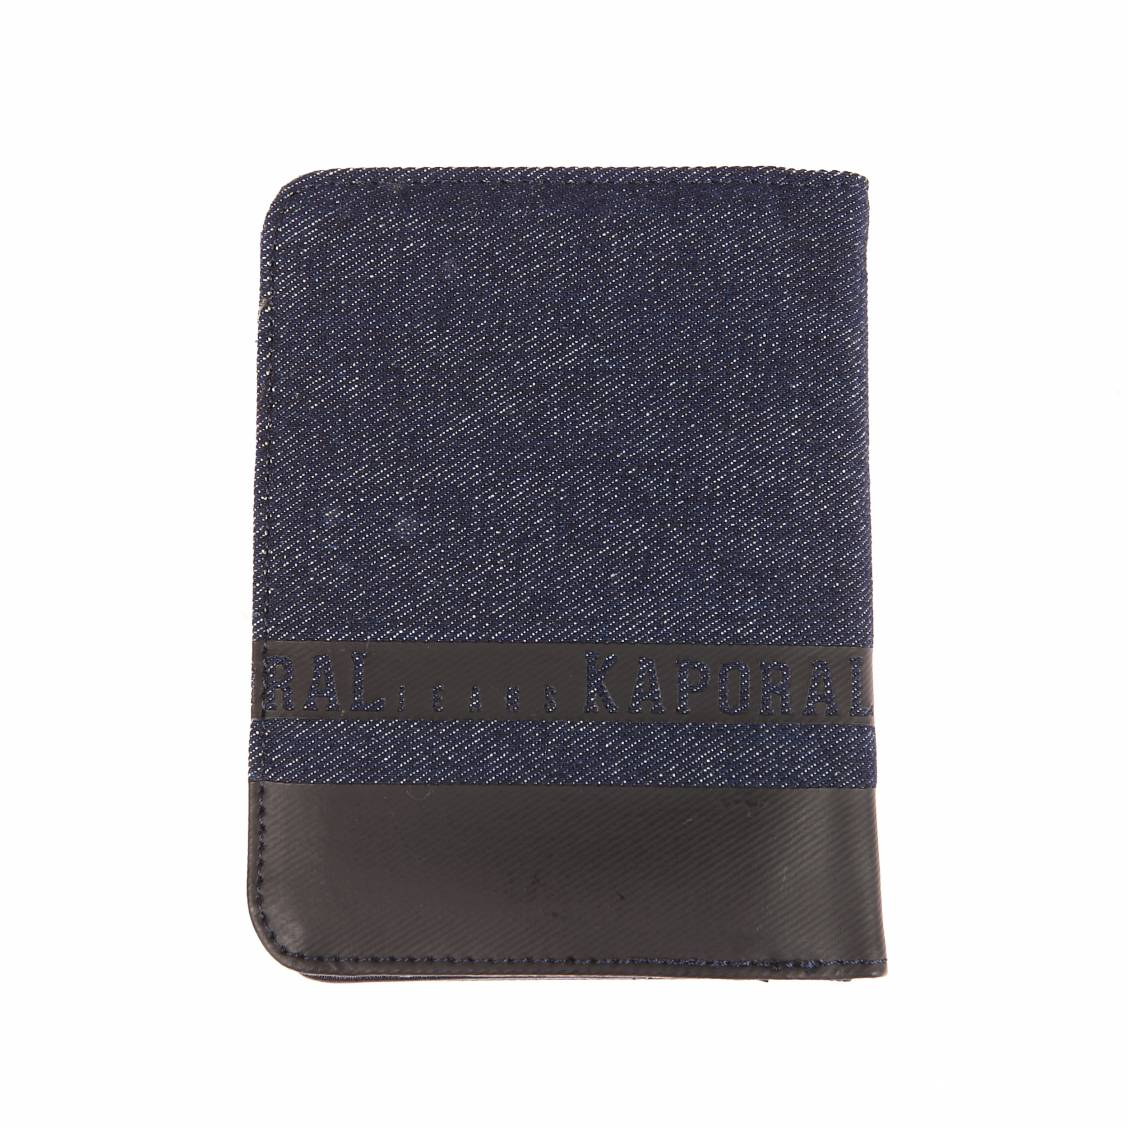 Portefeuille italien 2 volets Kaporal Niss en jean à empiècement noir FaUI5QATIh